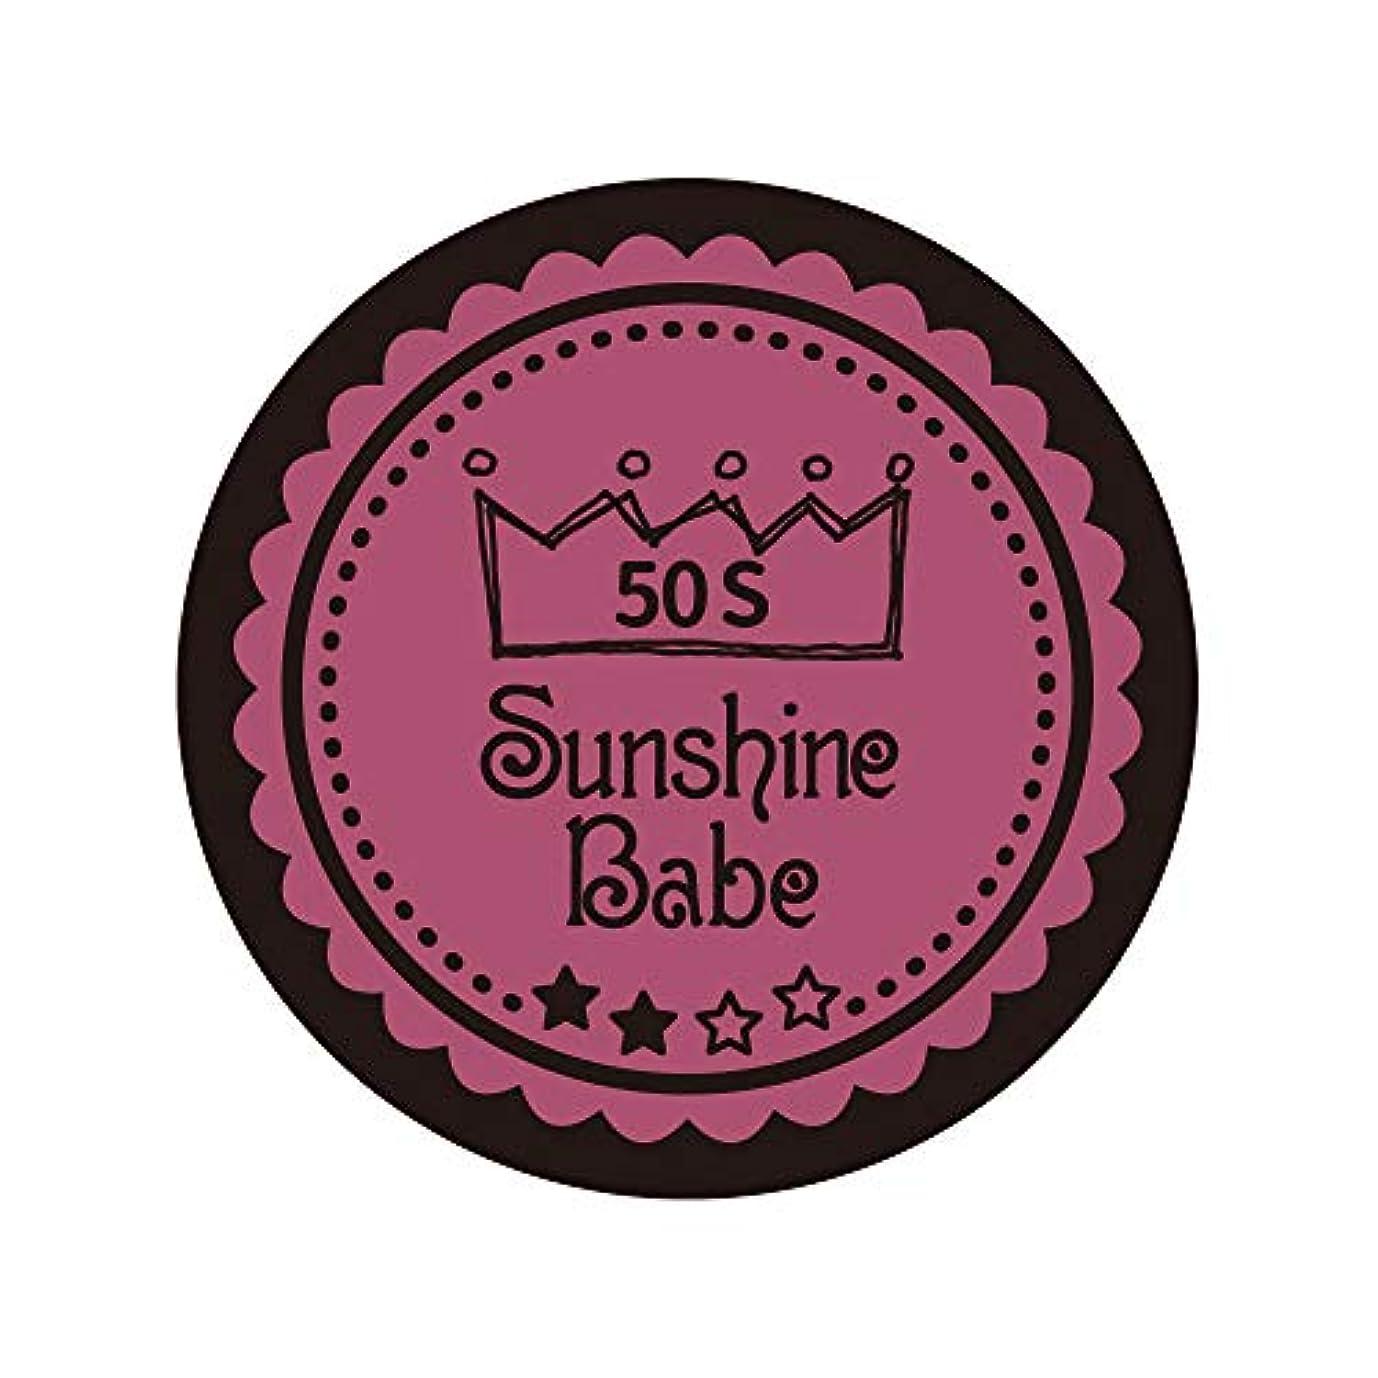 知っているに立ち寄るトレイ雪だるまを作るSunshine Babe カラージェル 50S ベイクドピンク 4g UV/LED対応